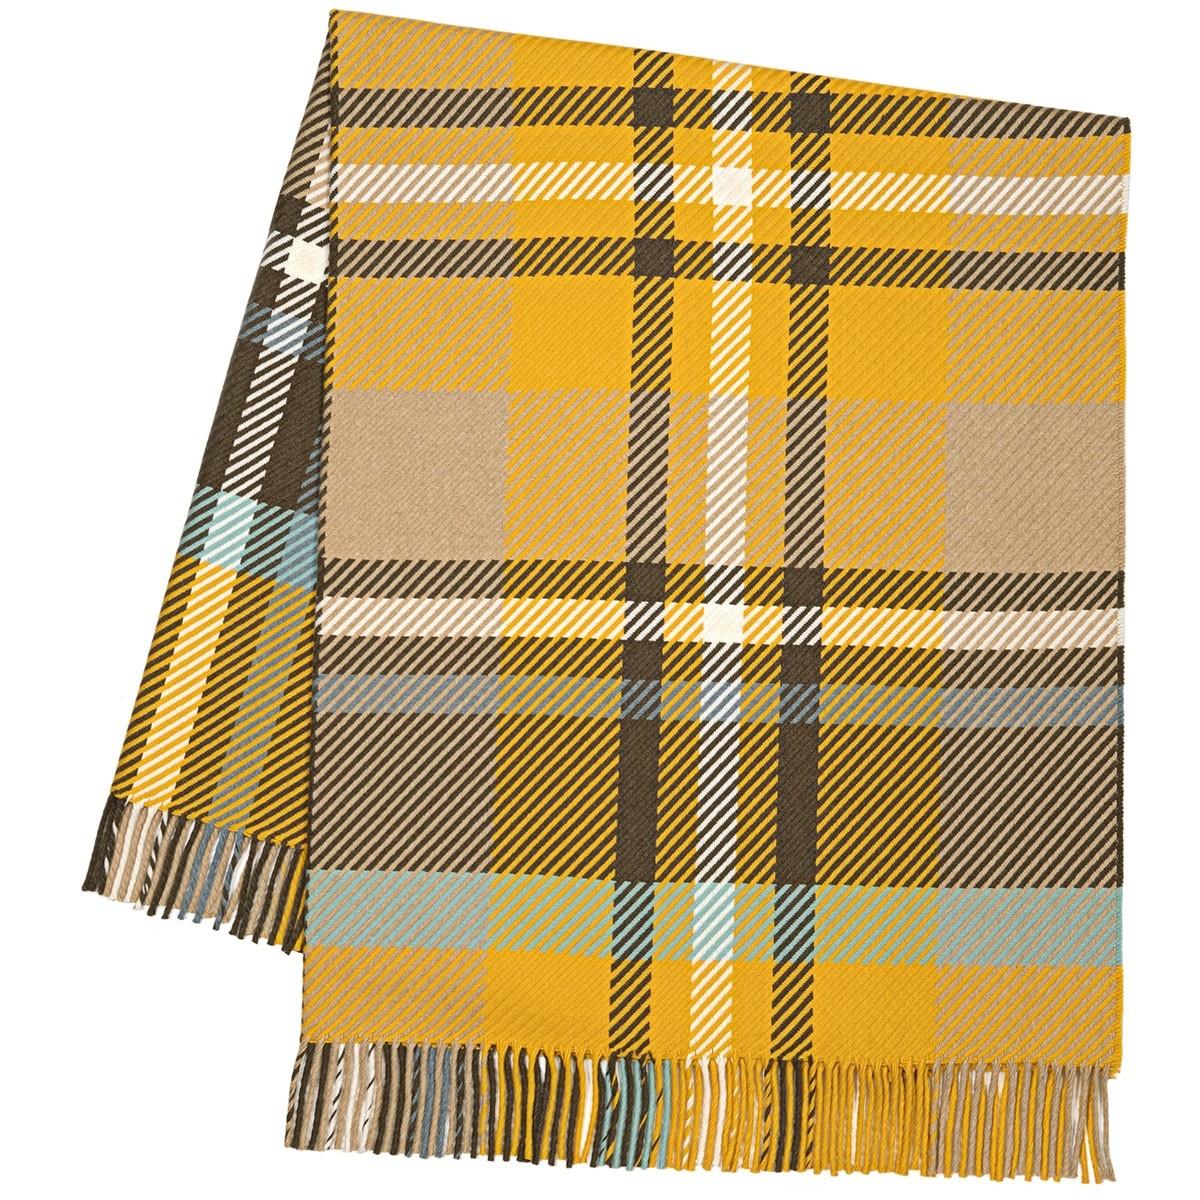 Darcy Stewart Ochre Tartan Luxury Superfine Wool Throw